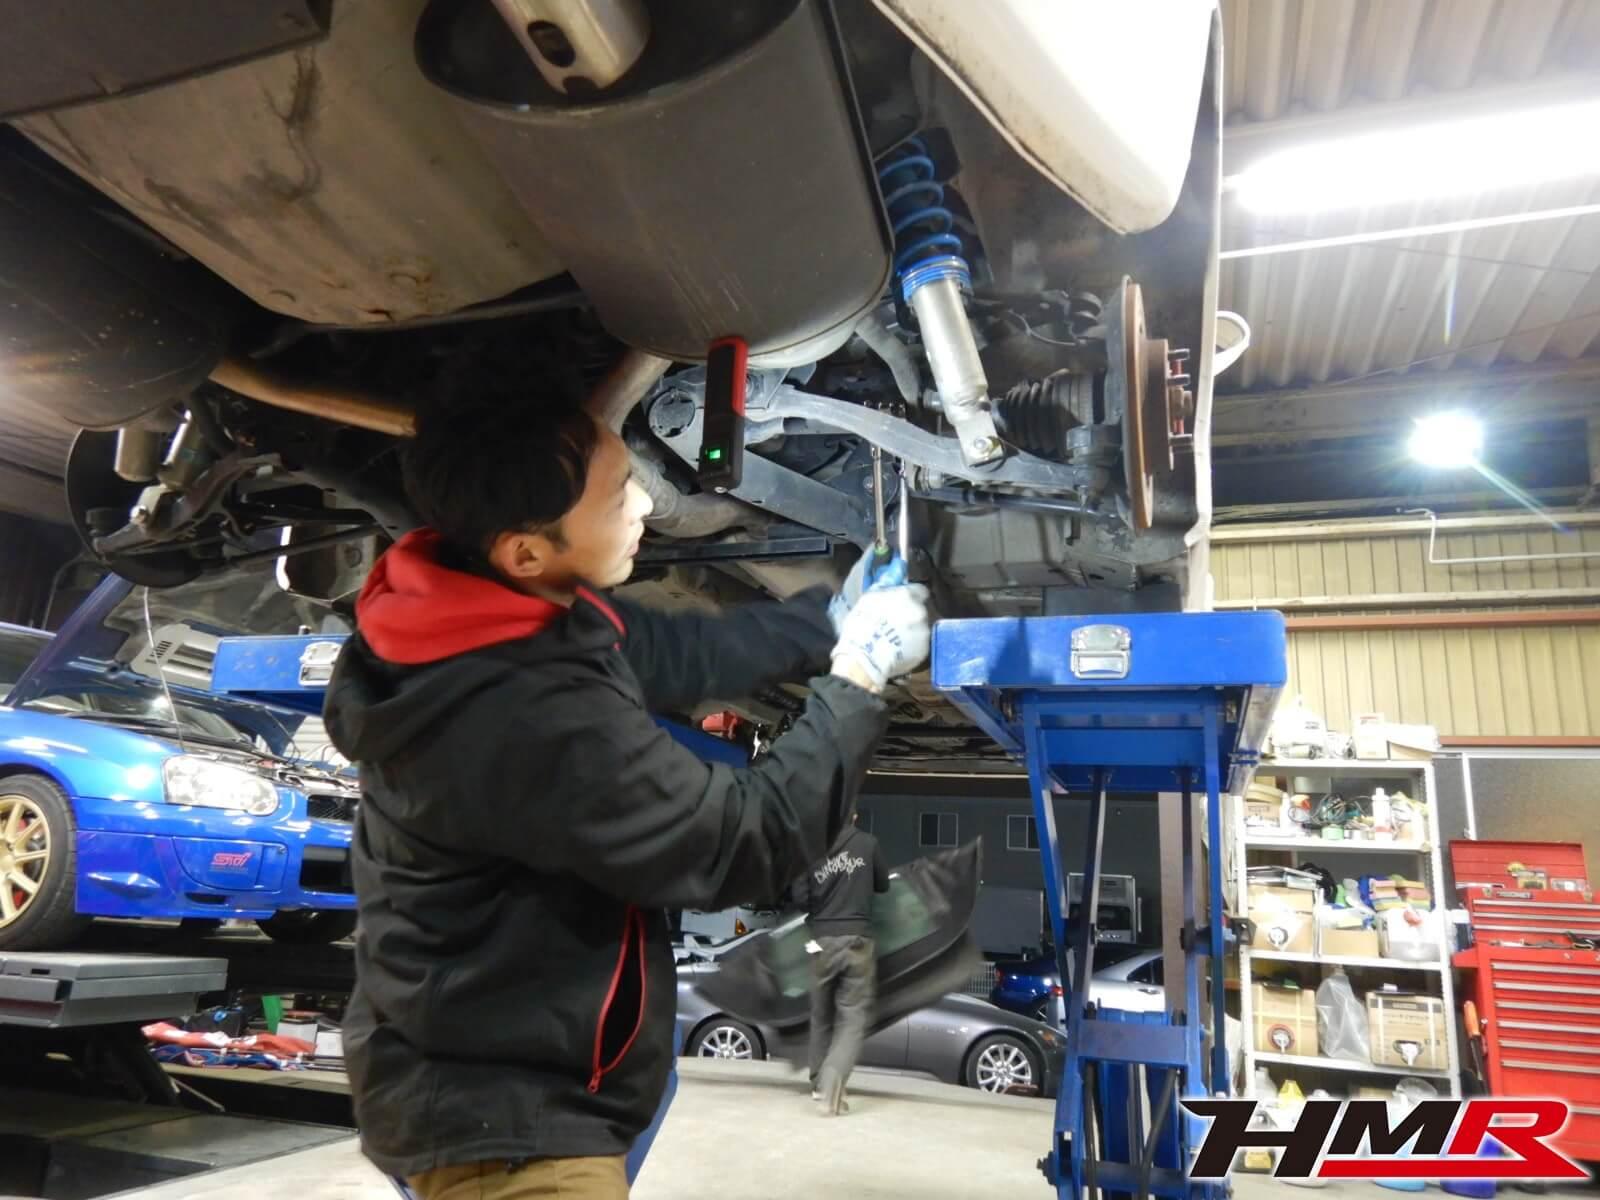 S2000 ヘッドカバーパッキン スタビリンク ロアアームジョイントブーツ